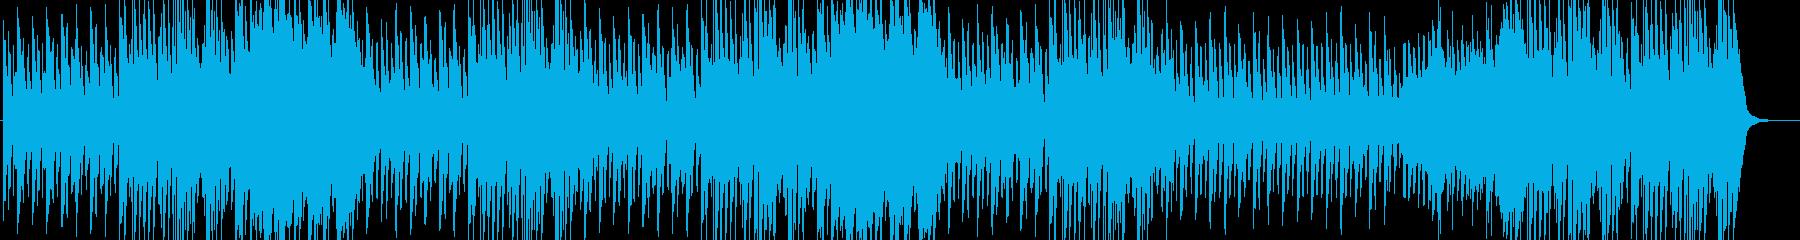 軽快なボヘミアンワルツの再生済みの波形